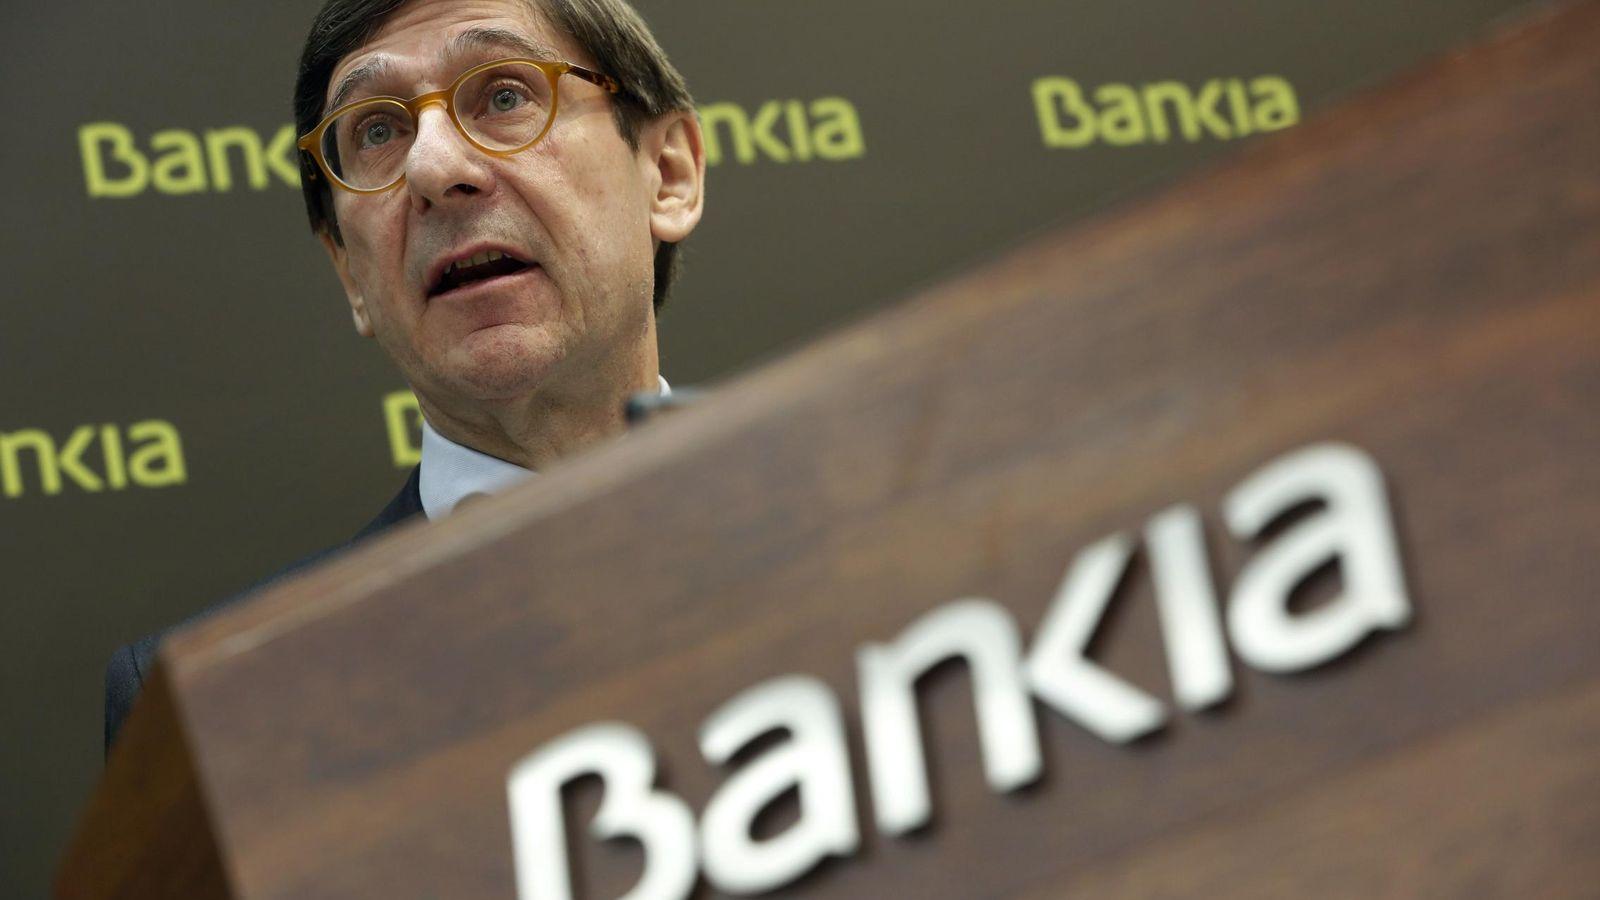 Noticias de bankia bankia vender pisos a - Pisos de bankia en madrid ...